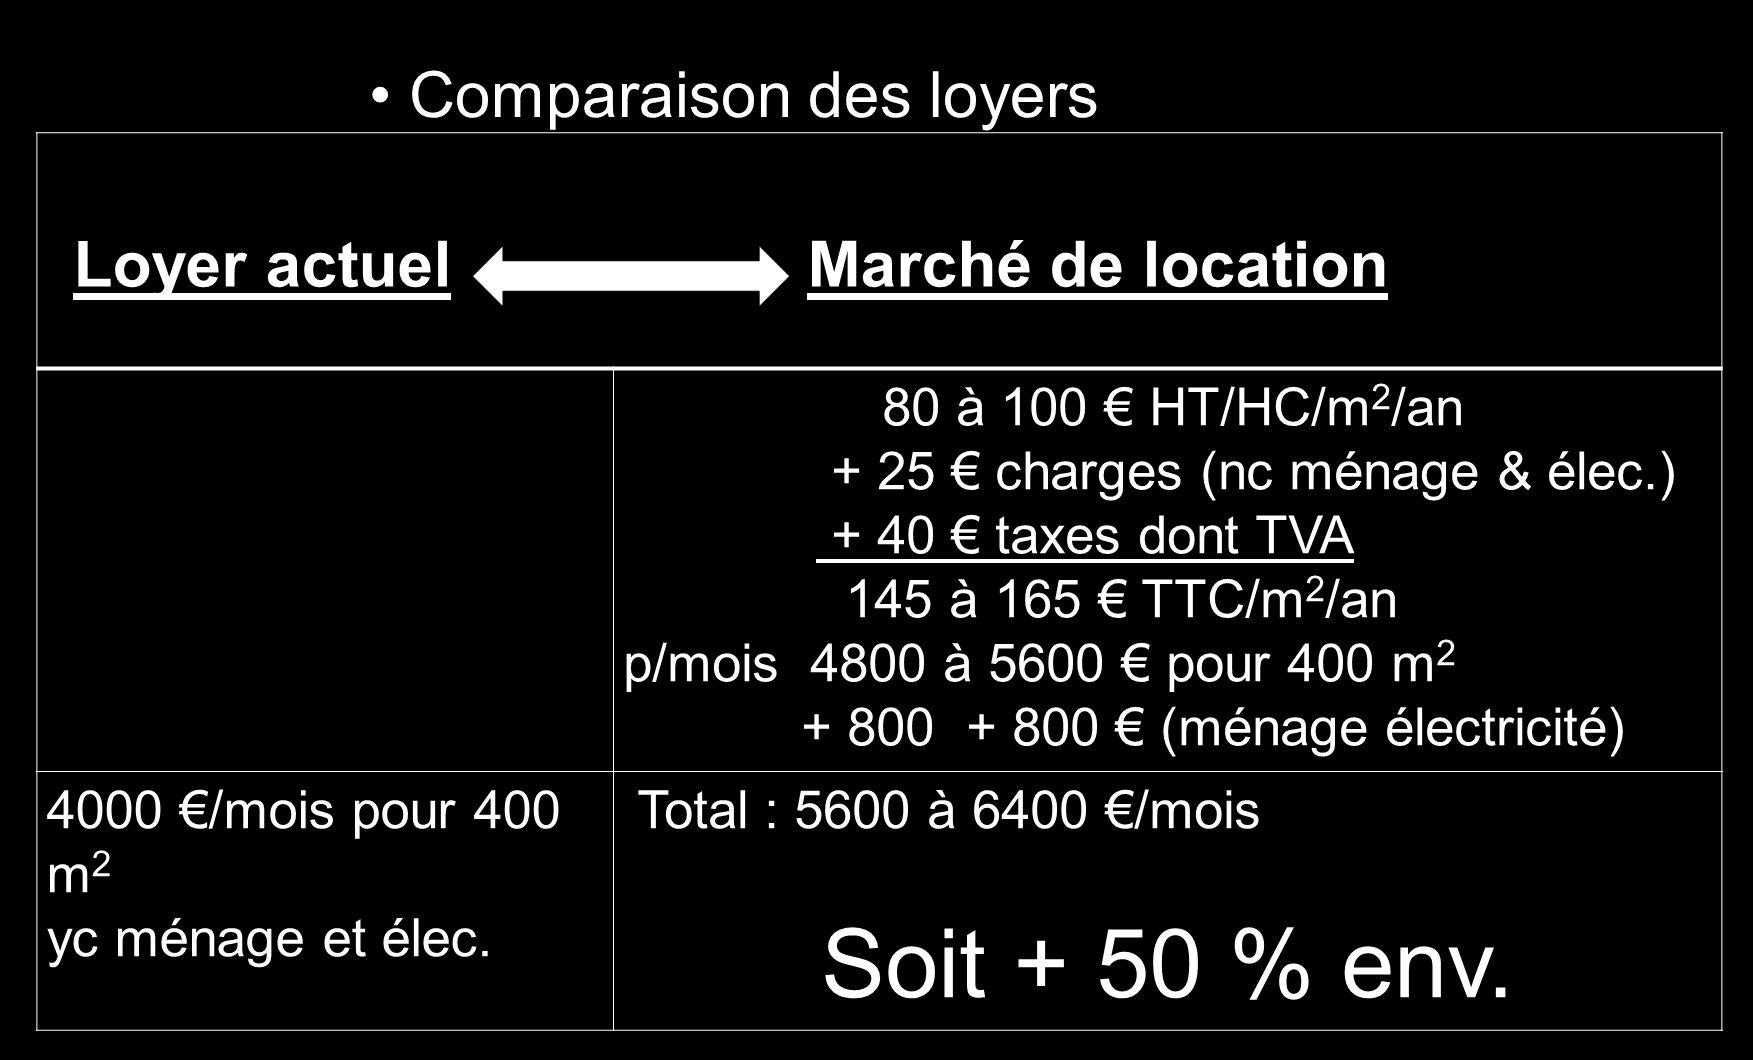 Loyer actuel Marché de location 80 à 100 HT/HC/m 2 /an + 25 charges (nc ménage & élec.) + 40 taxes dont TVA 145 à 165 TTC/m 2 /an p/mois 4800 à 5600 p